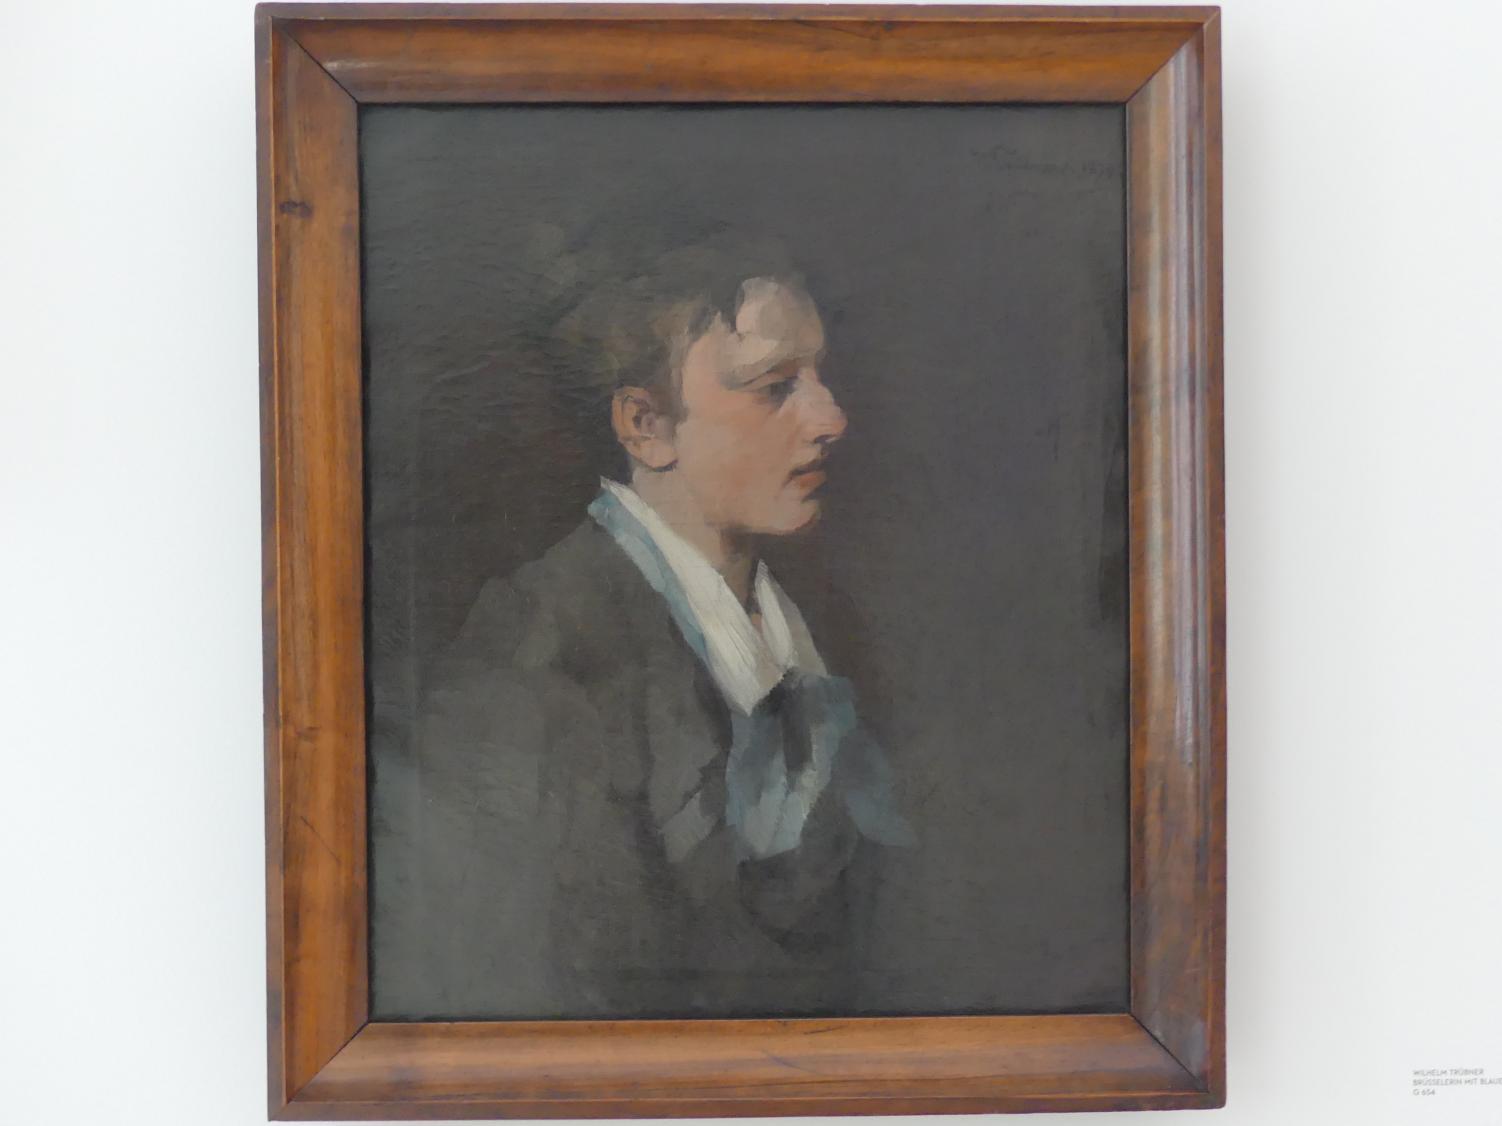 Wilhelm Trübner: Brüsselerin mit blauer Krawatte, 1874